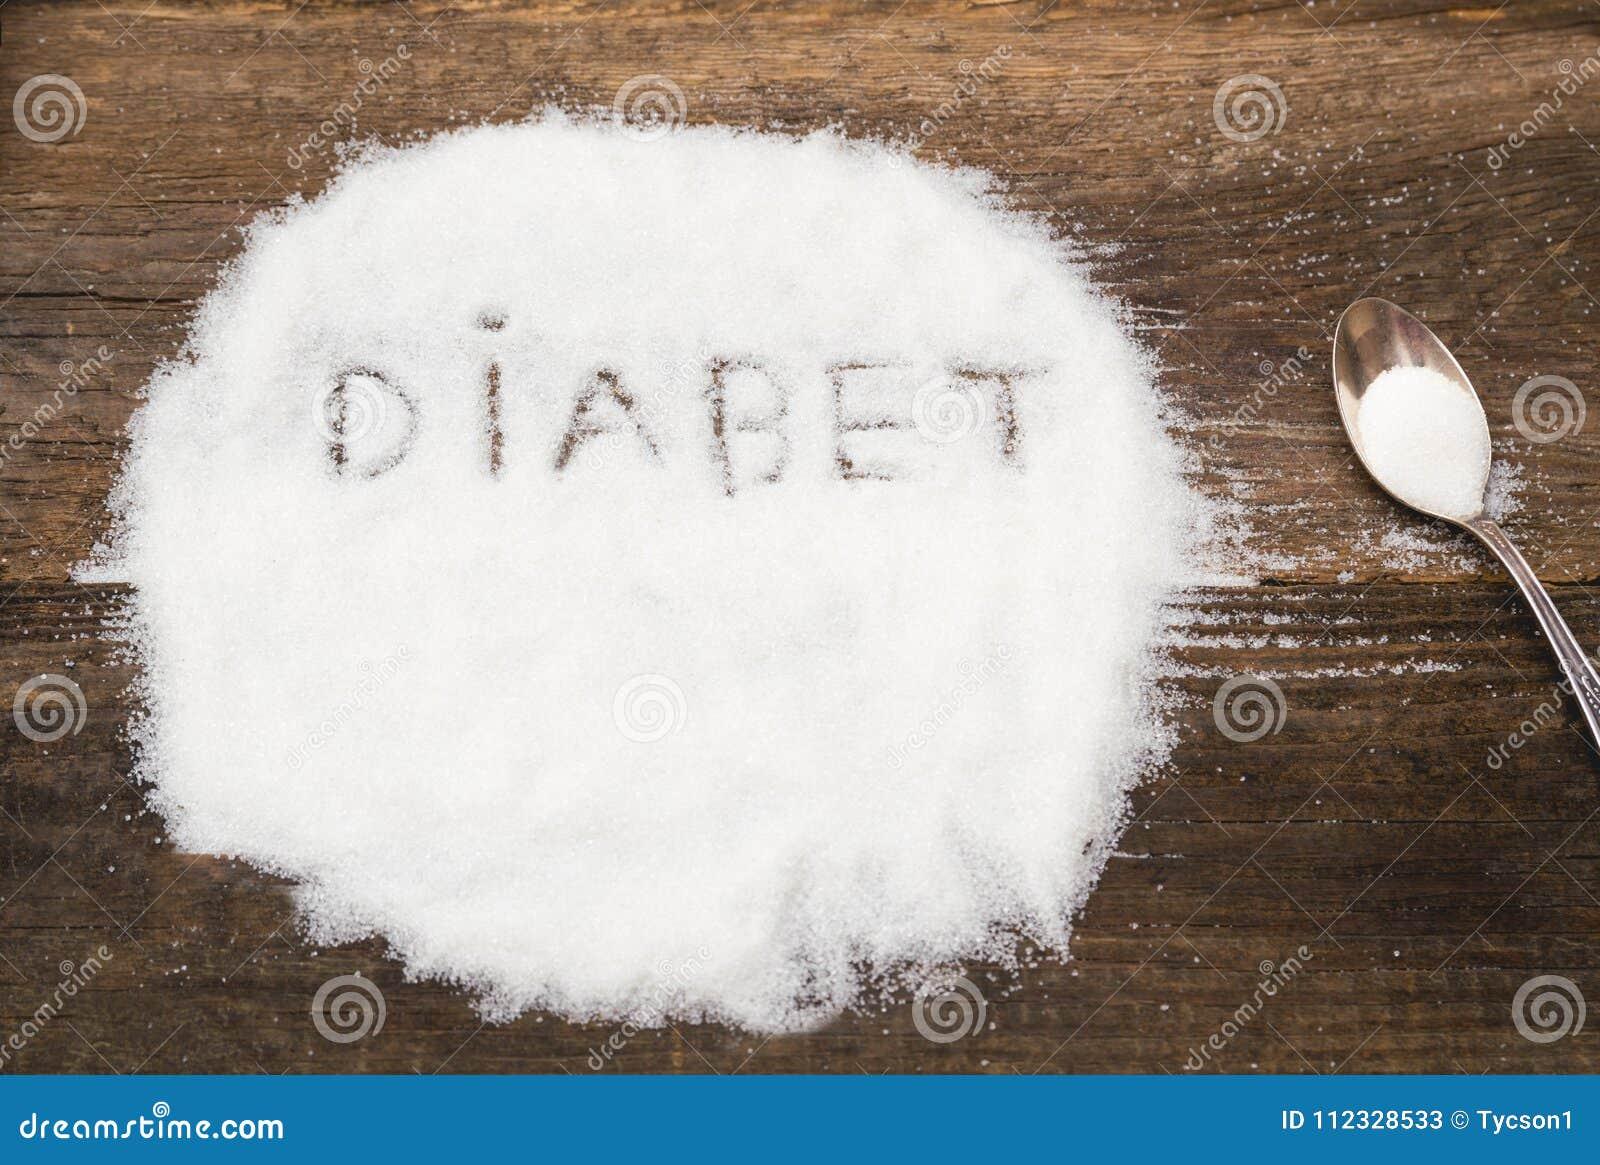 Diabet tecken som göras av grynigt socker